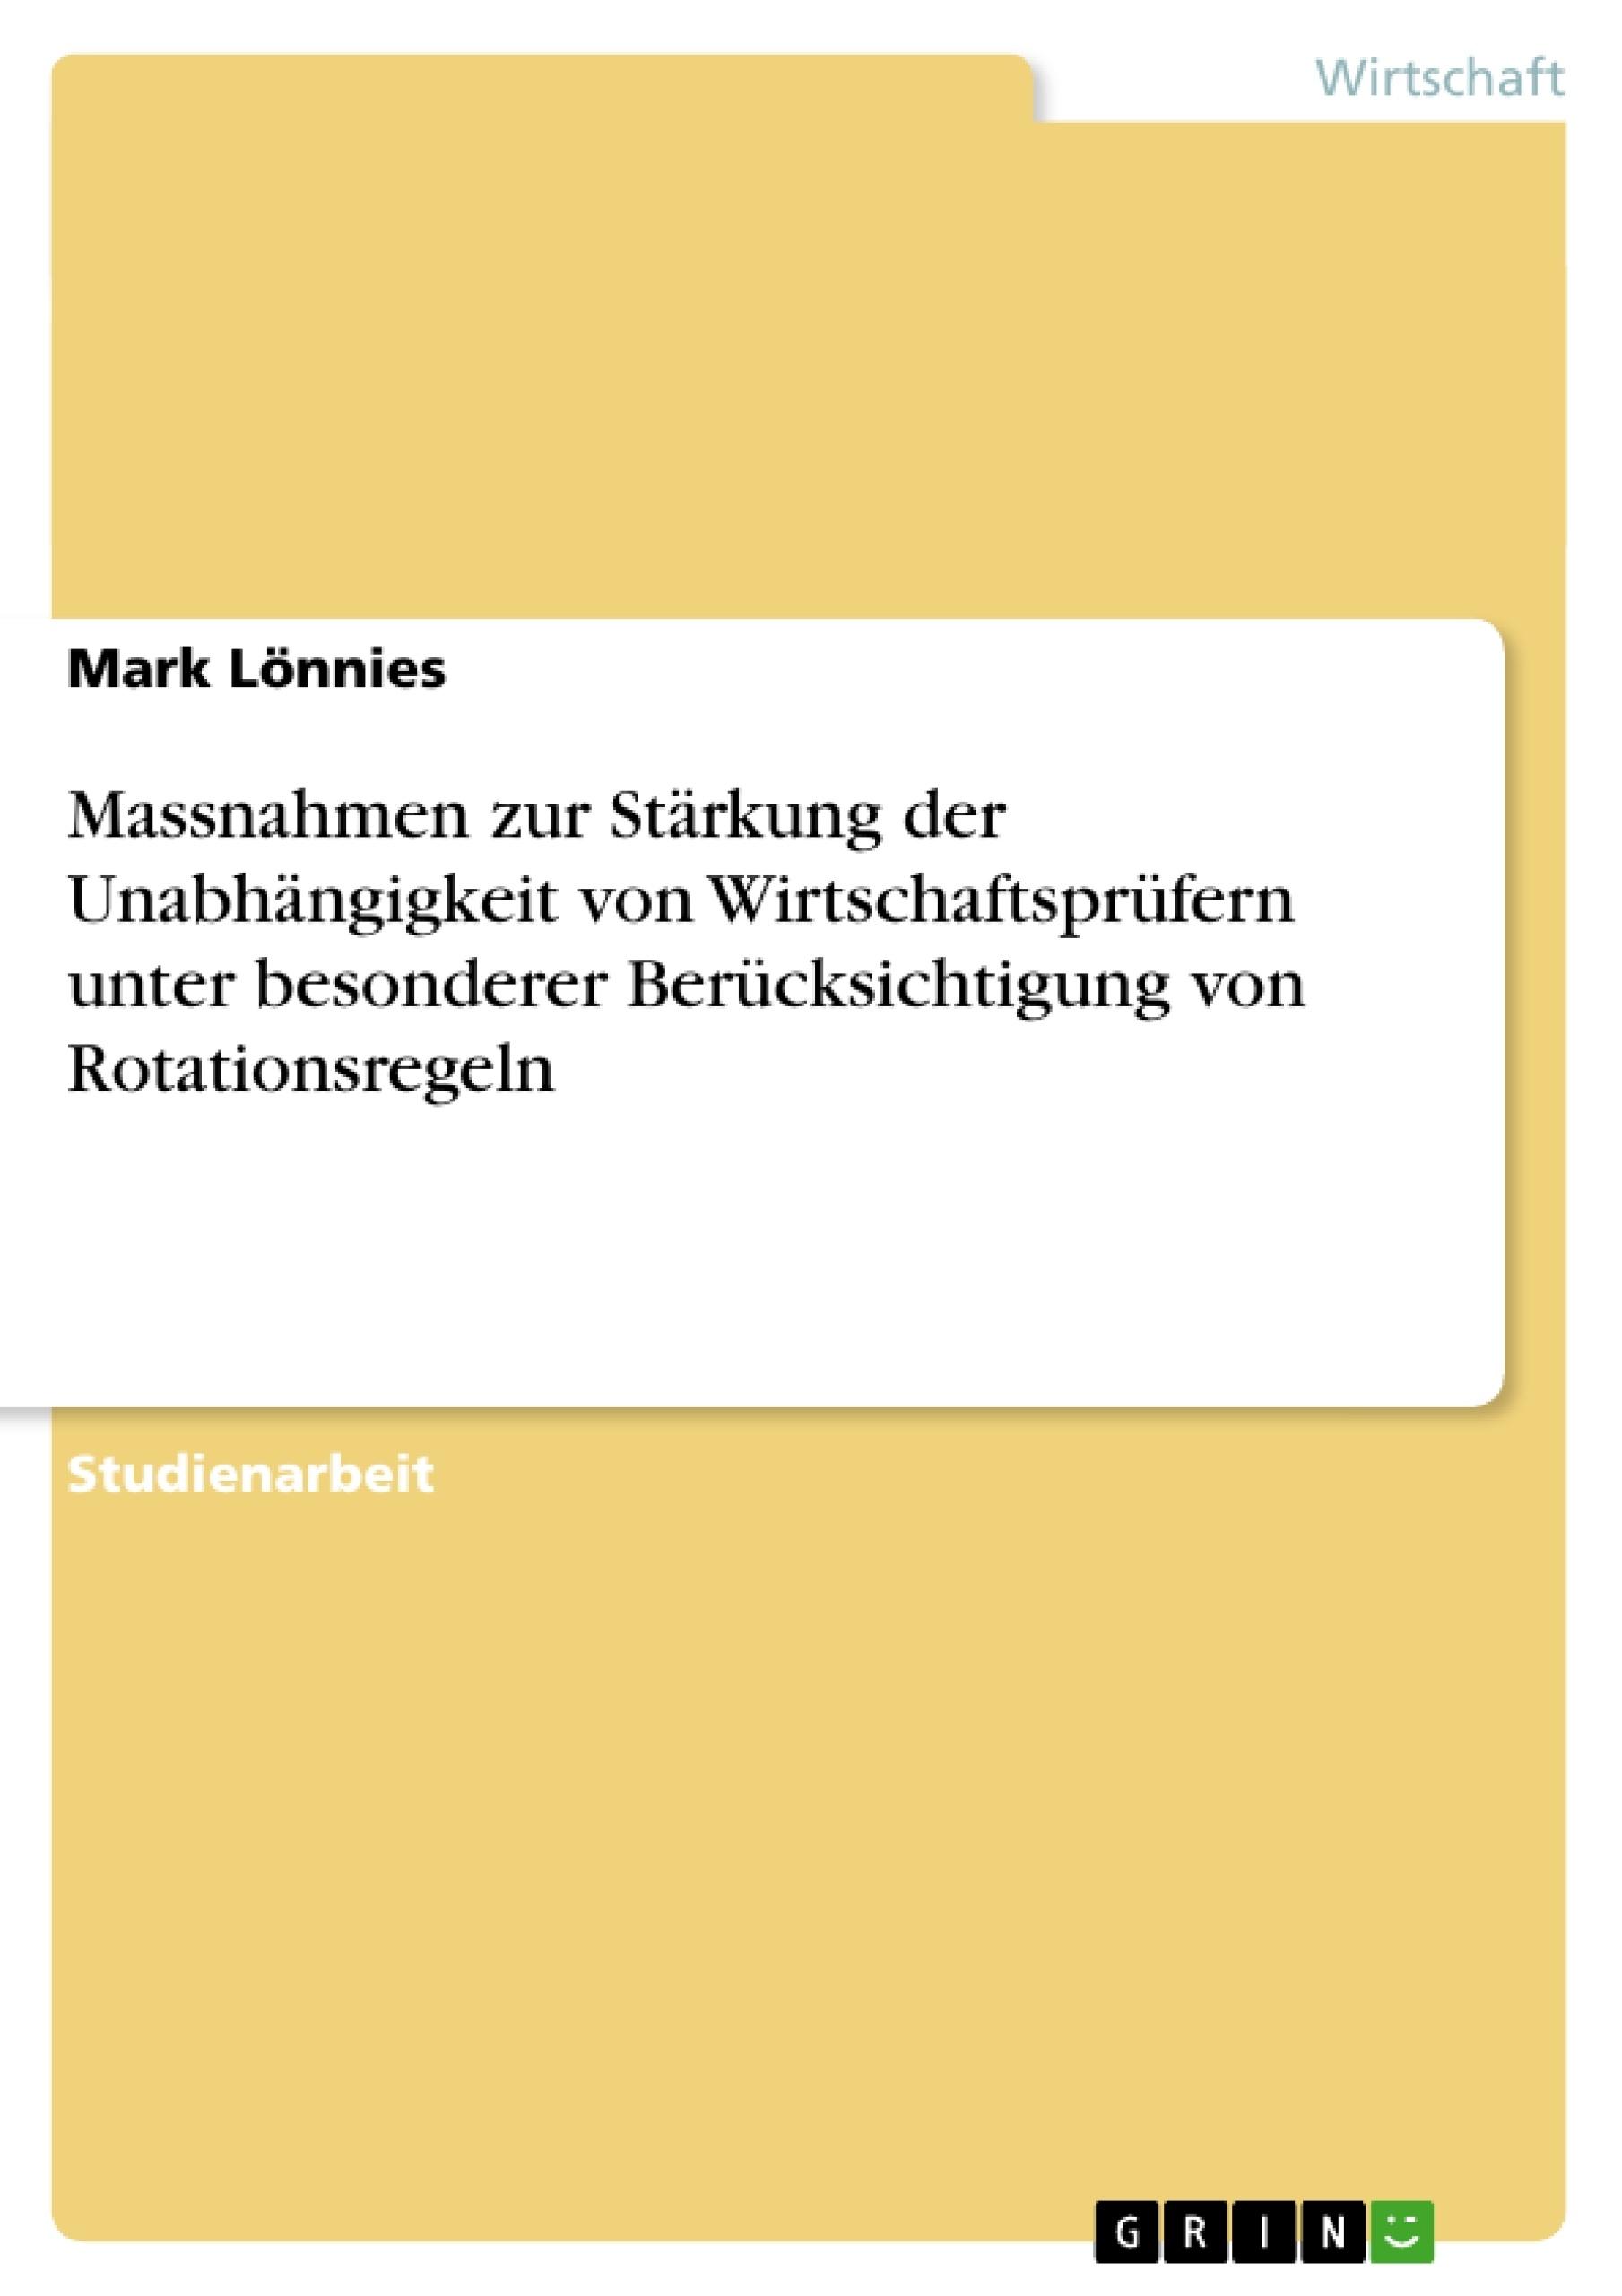 Titel: Massnahmen zur Stärkung der Unabhängigkeit von Wirtschaftsprüfern unter besonderer Berücksichtigung von Rotationsregeln